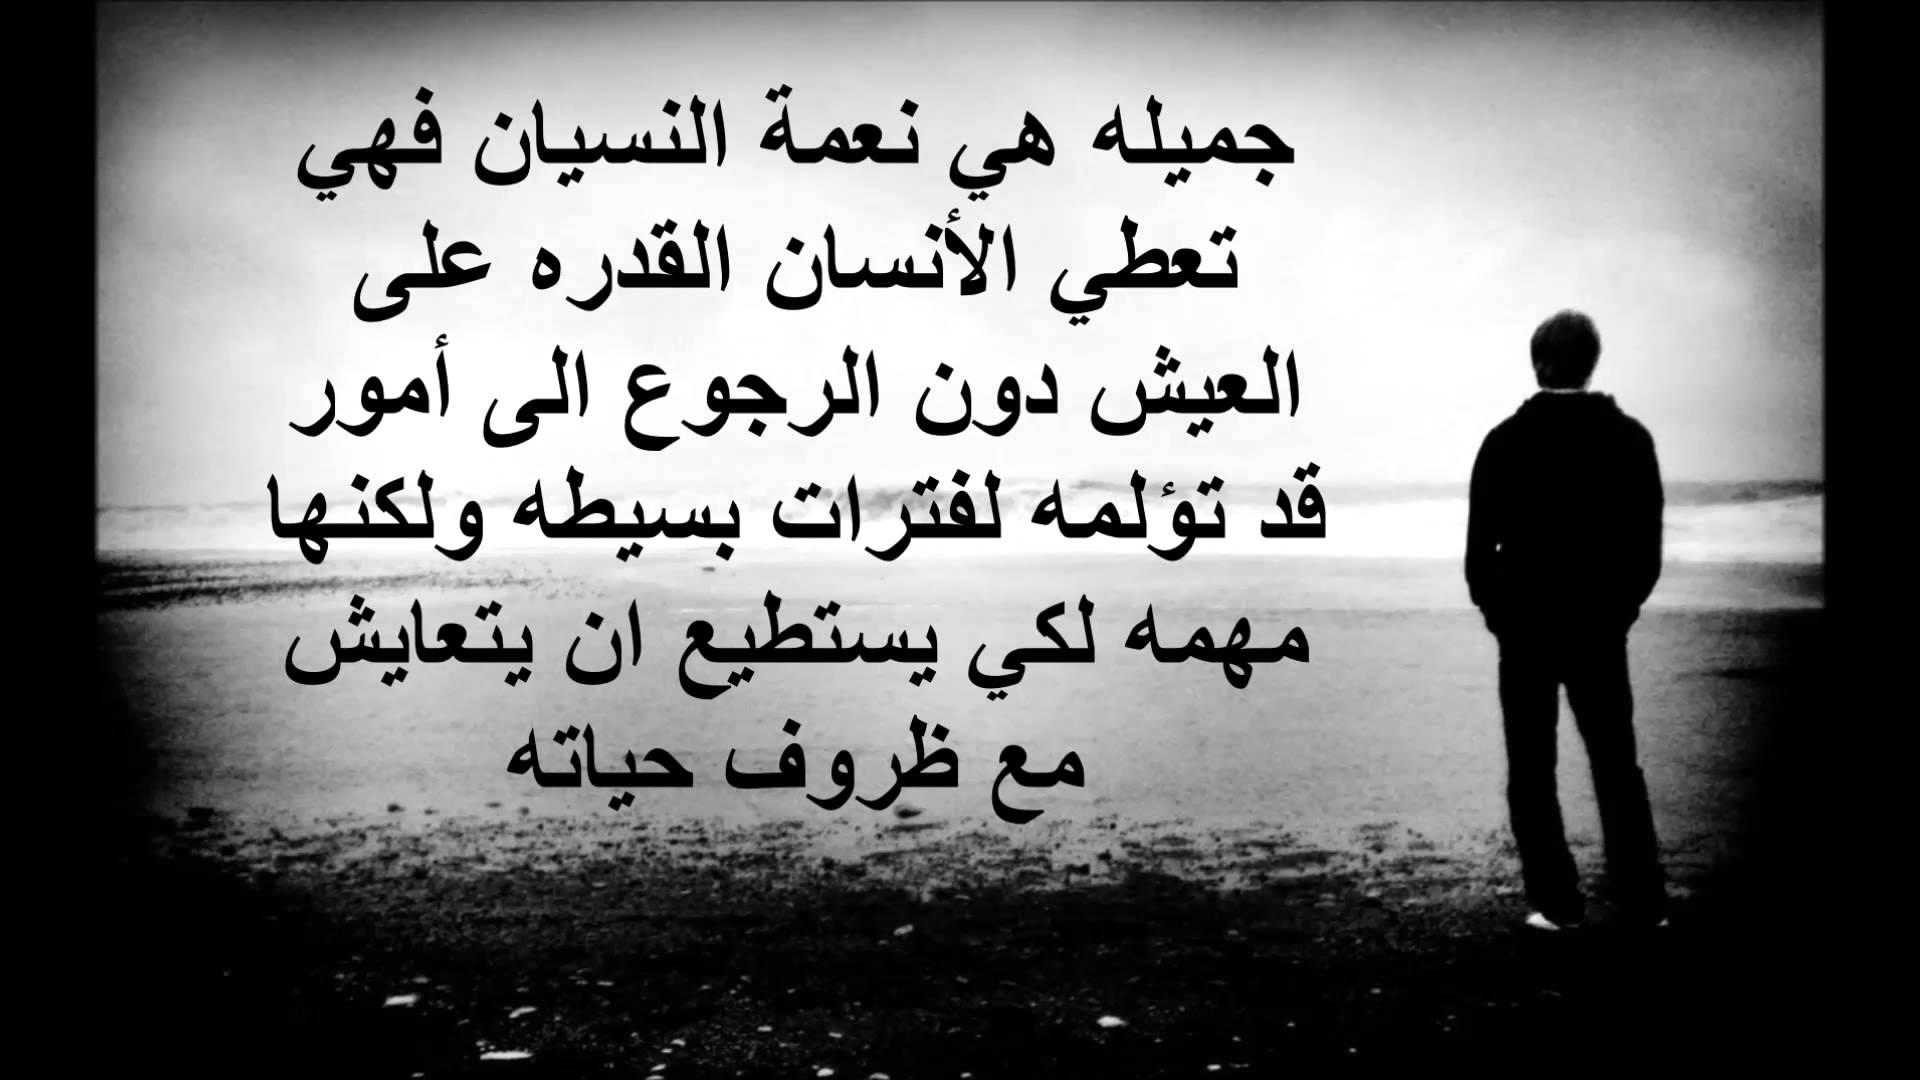 بالصور صور فراق حزينه , كلمات عن الفراق 3475 2